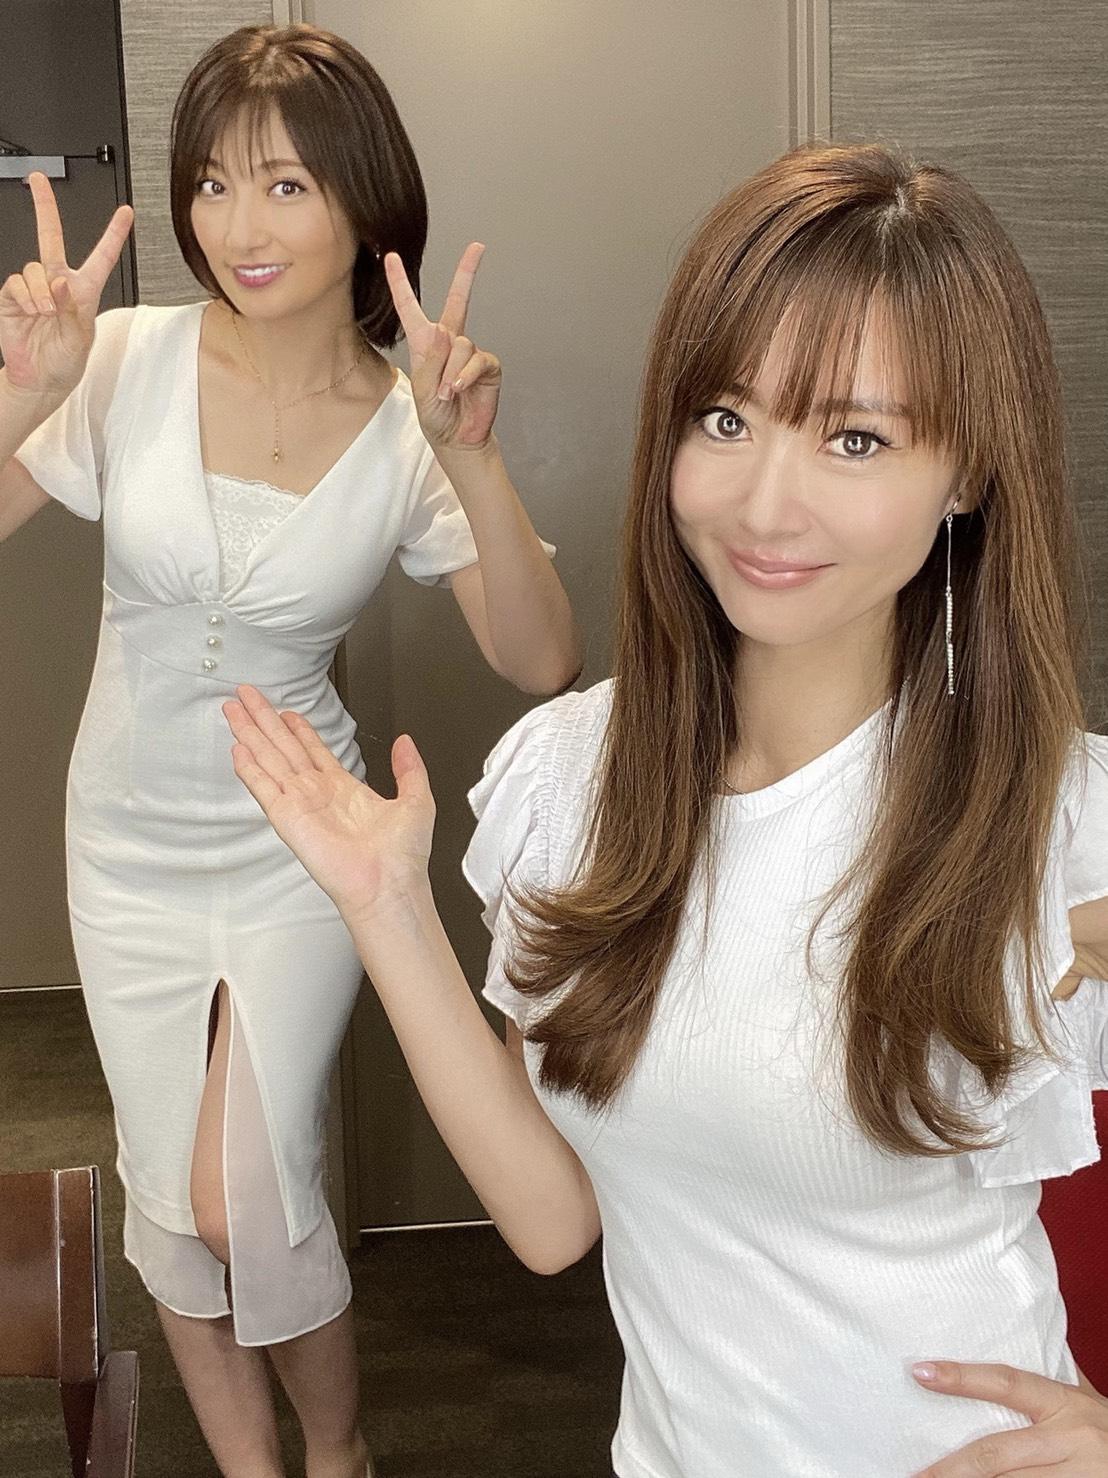 熊田曜子ちゃんとのメイク動画